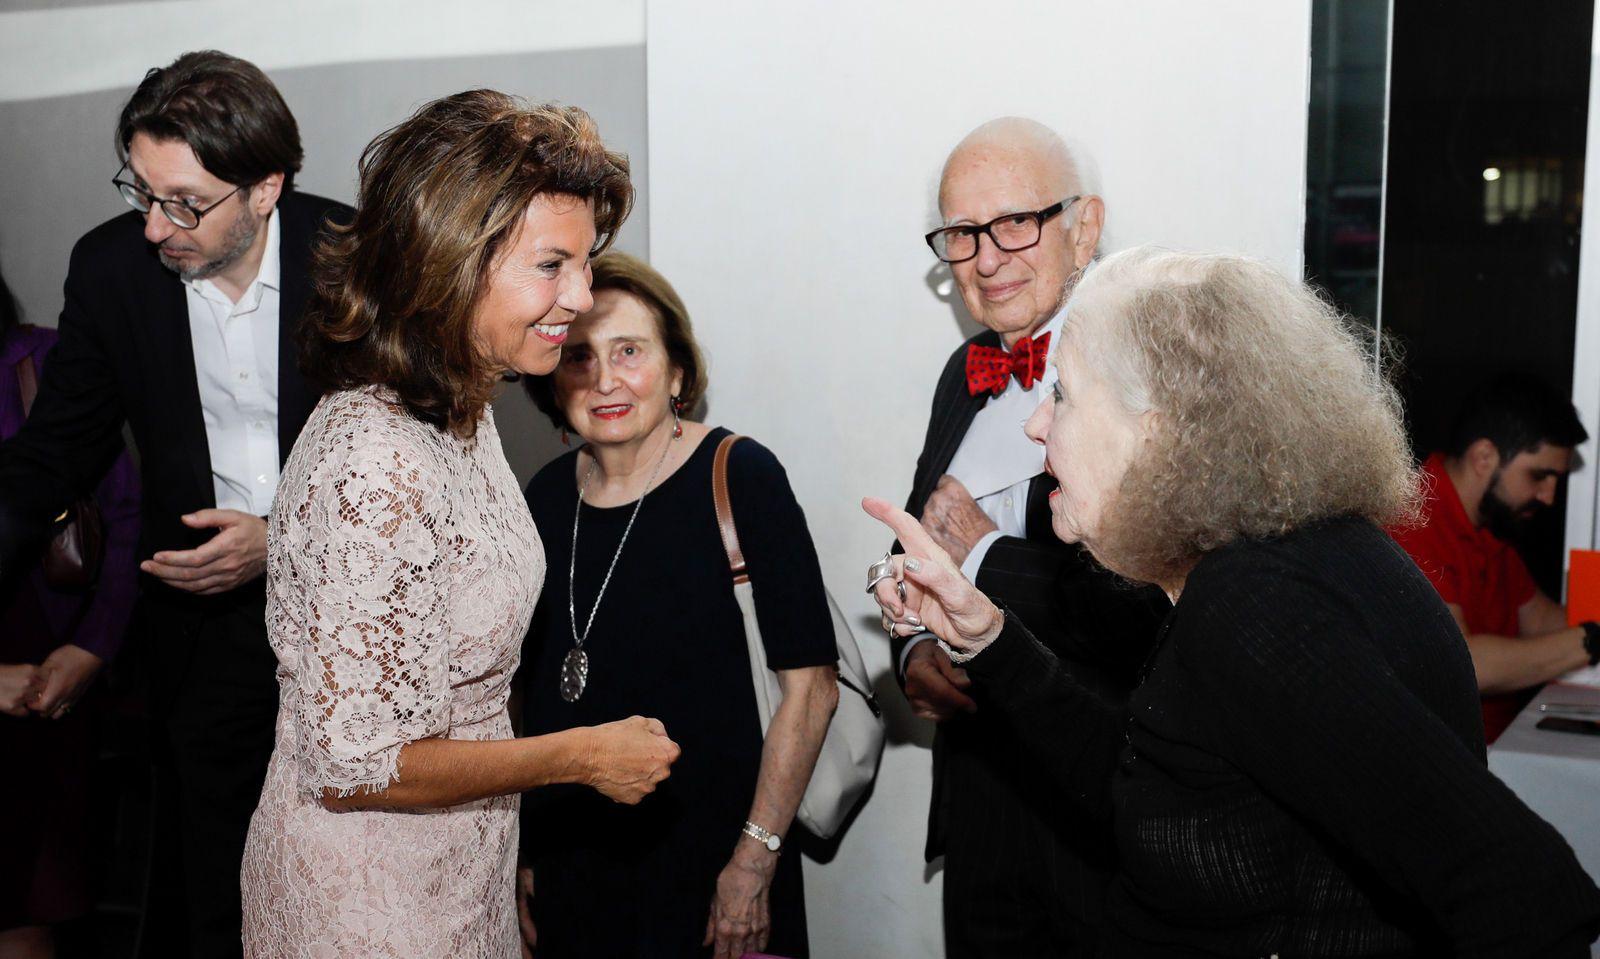 Bundeskanzlerin Brigitte Bierlein (l.), Nobelpreisträger Eric Kandel sowie die Fotografin Lisl Steiner (r.)